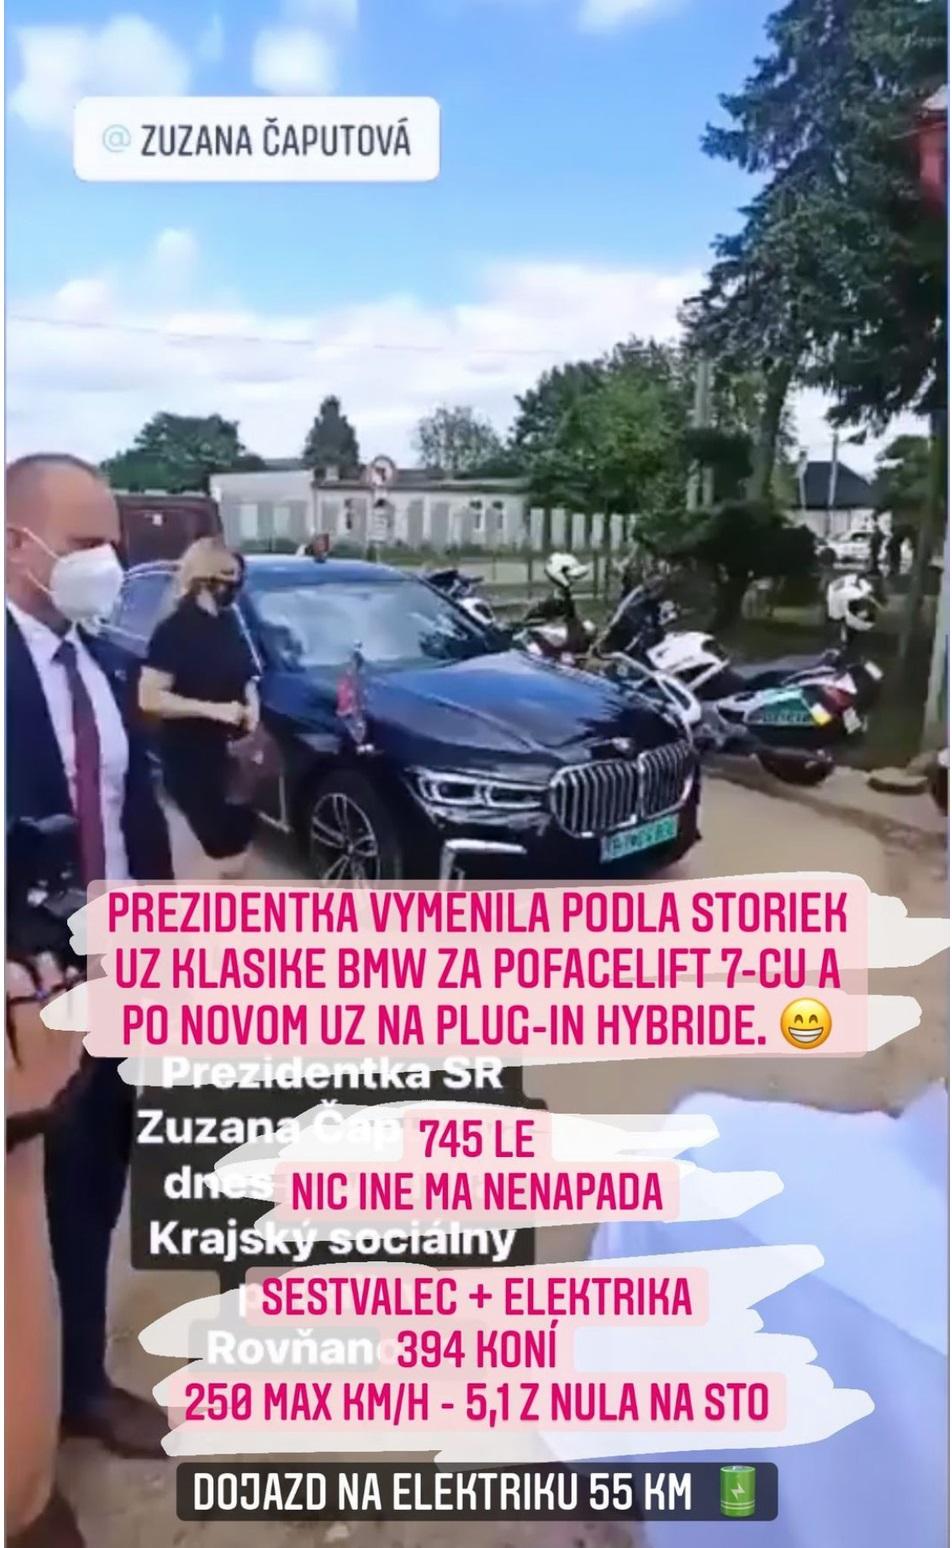 Prezidentka Čaputová na plug-in hybridnom BMW (Foto: IG/@draho)